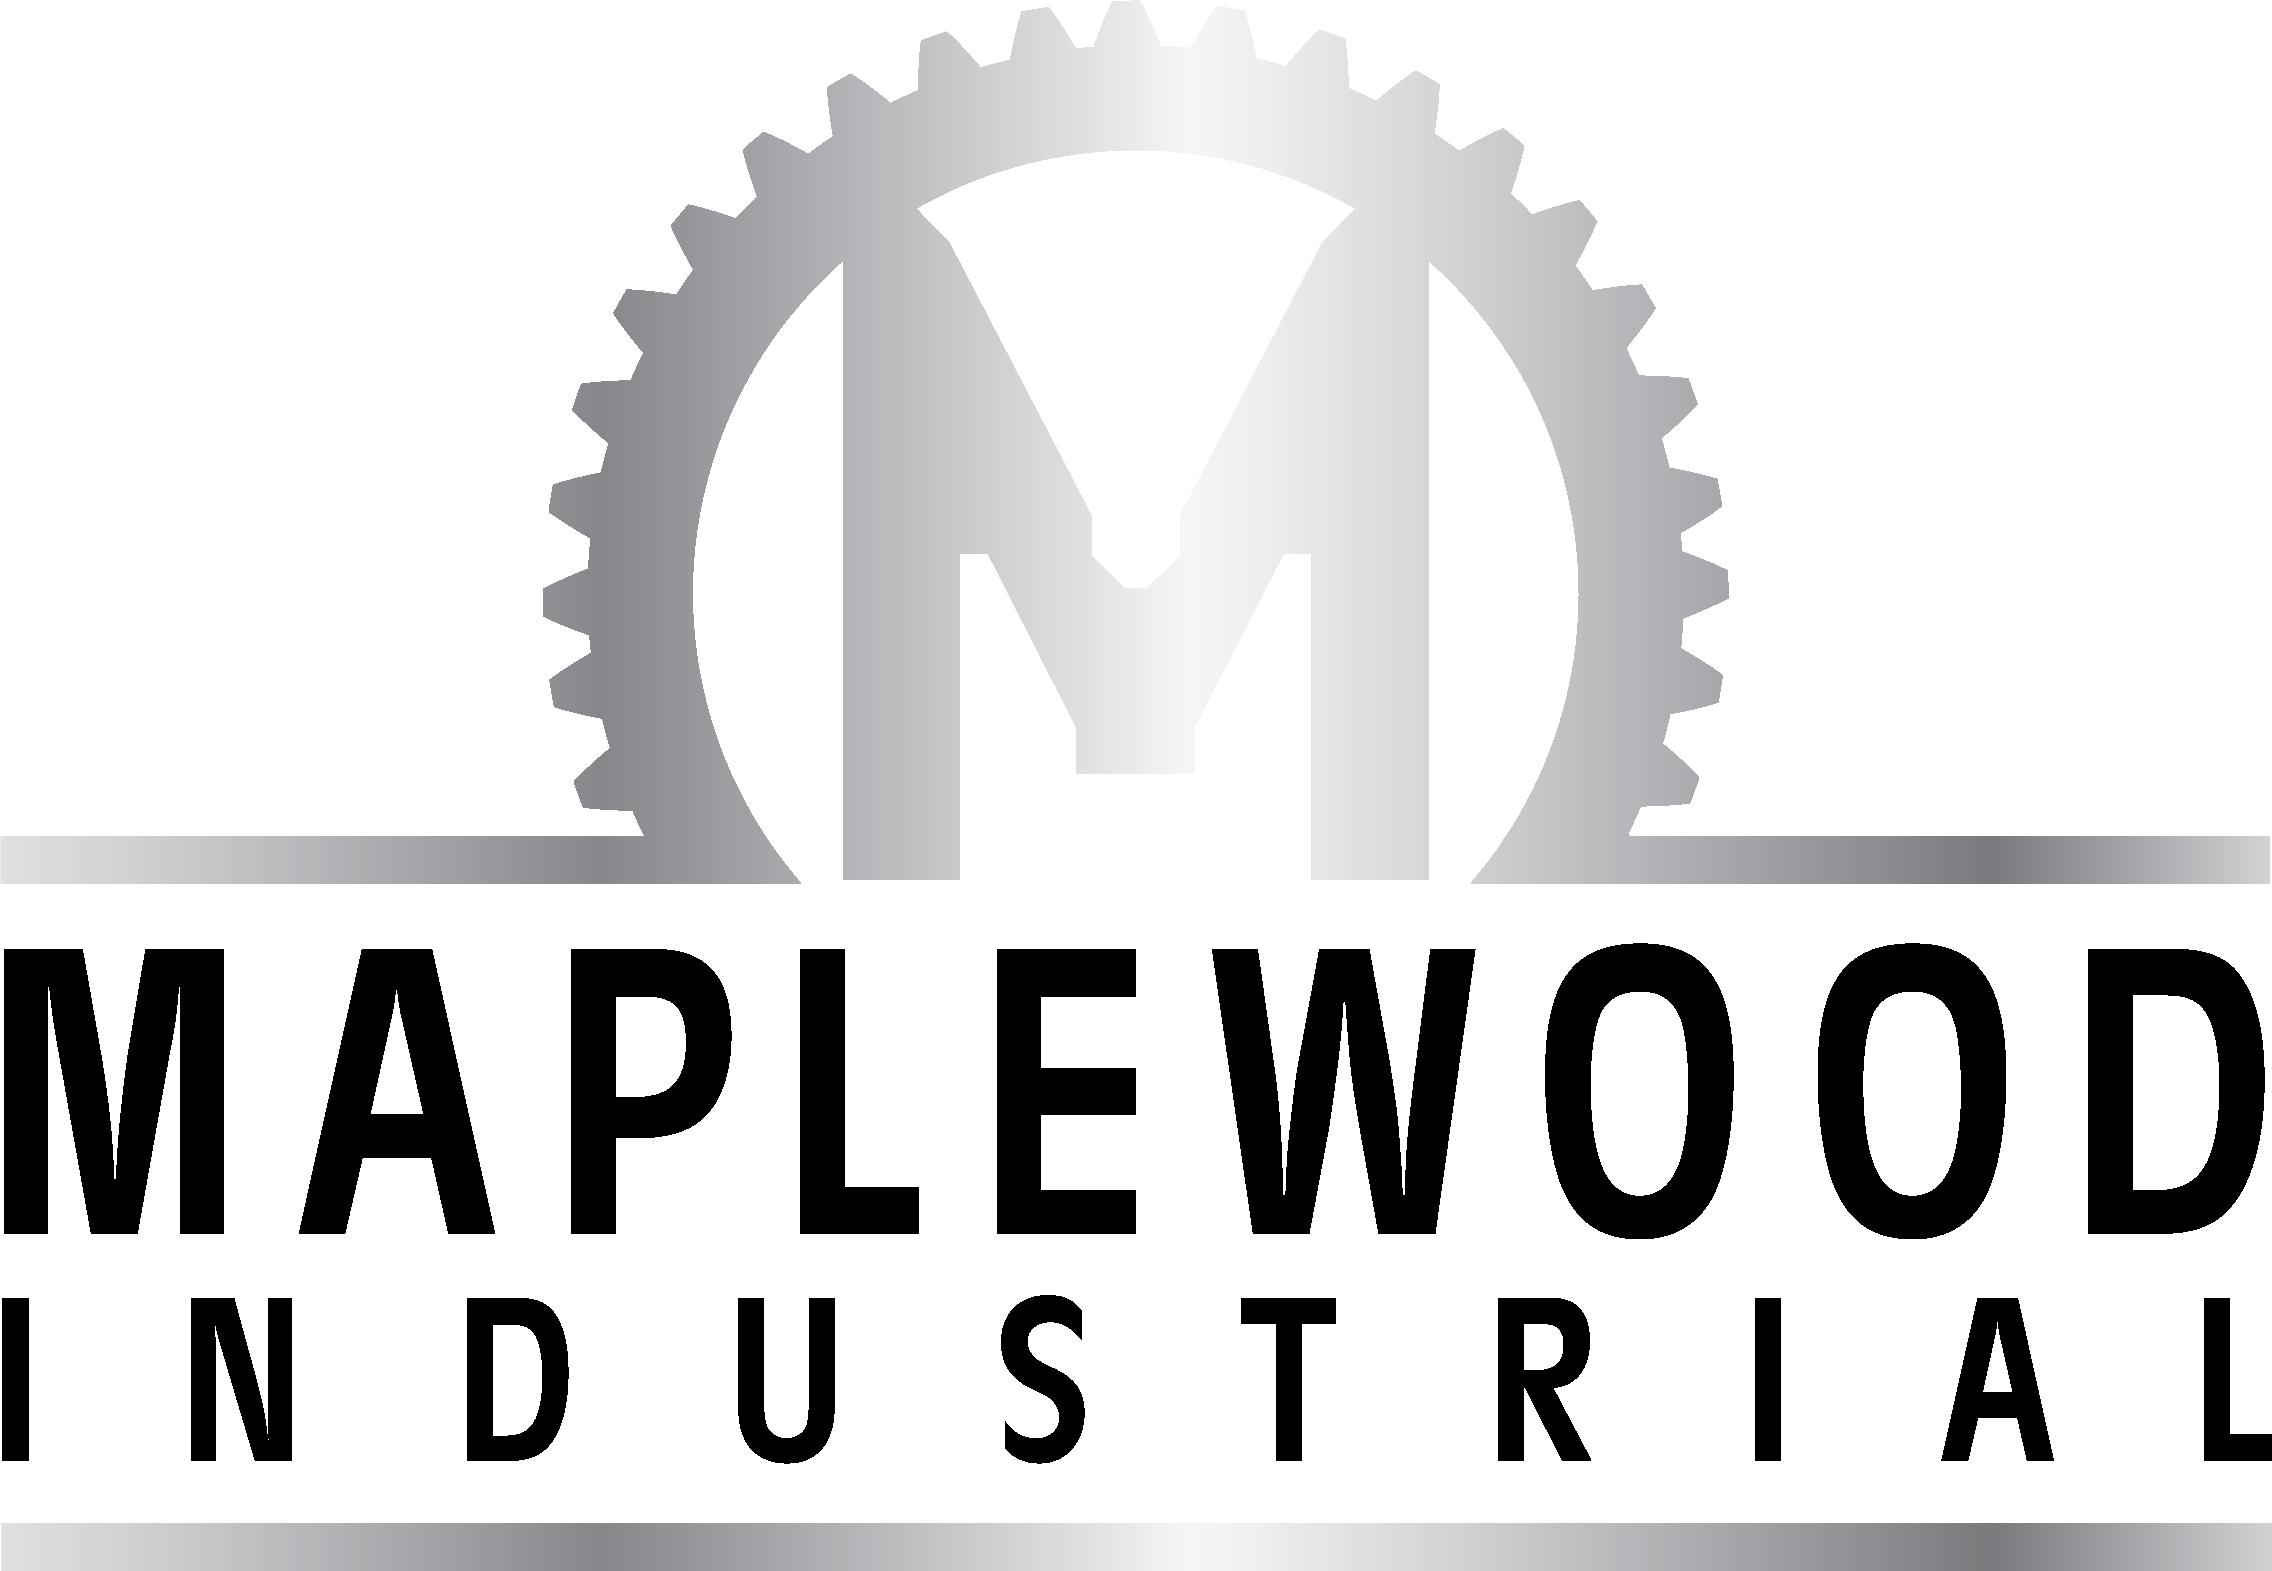 Maplewood_logo